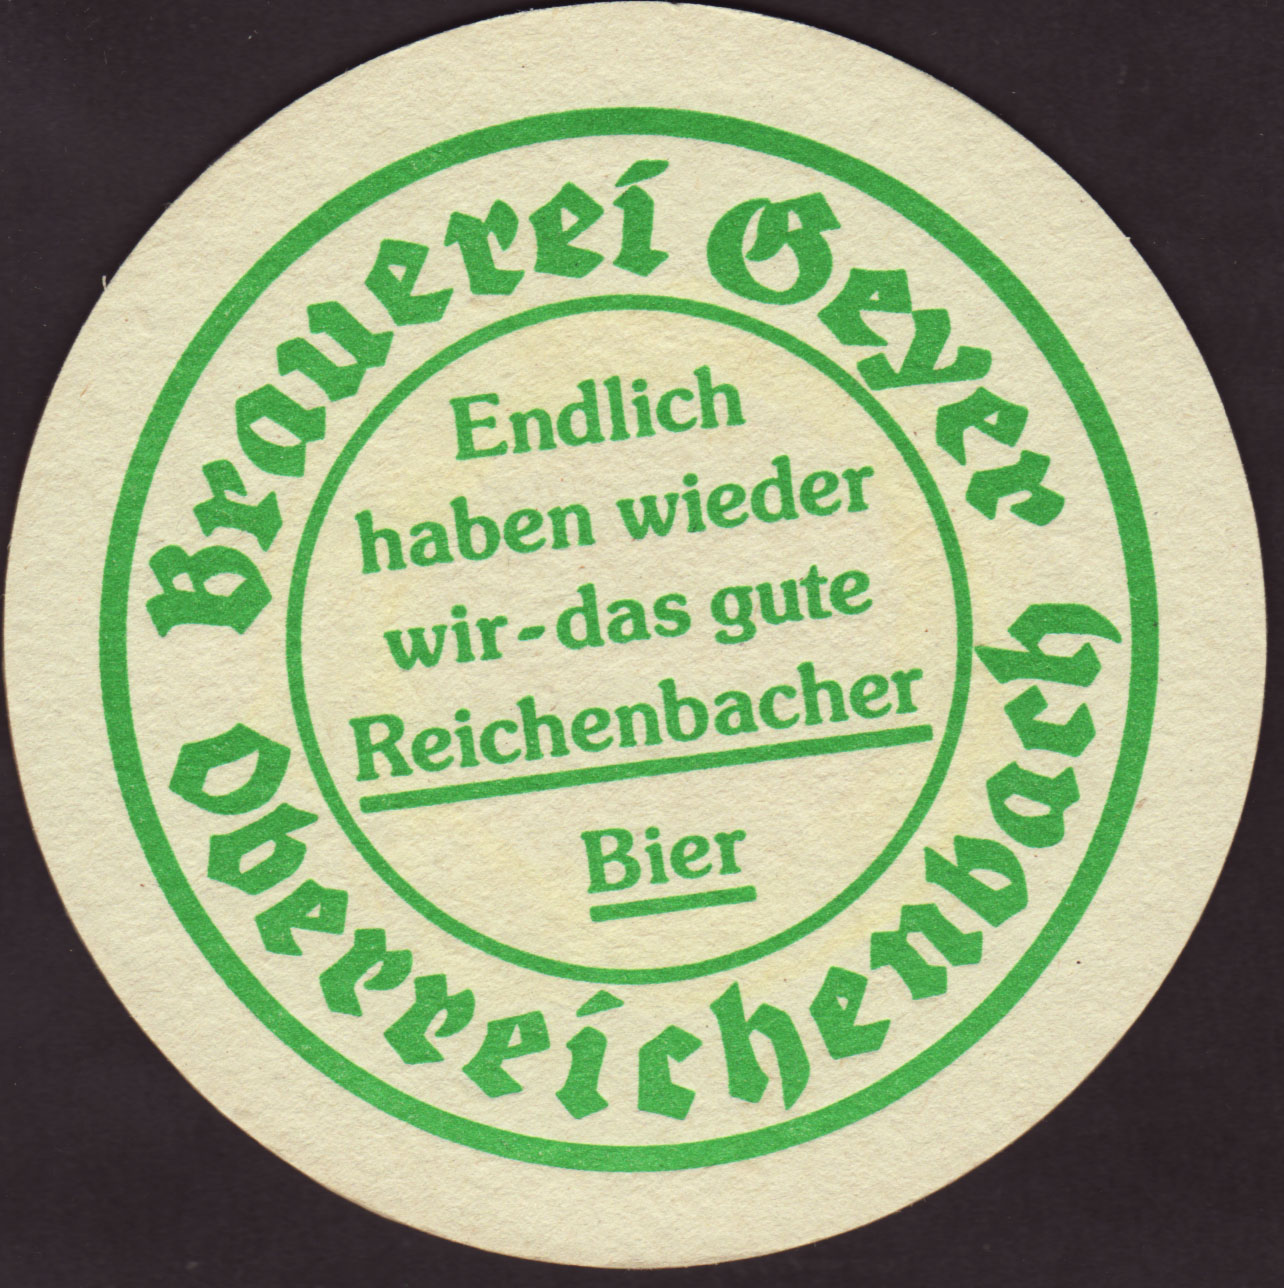 Beer Coaster Coaster Number 1 1 Brewery Brauereigasthof Geyer City Oberreichenbach Germany